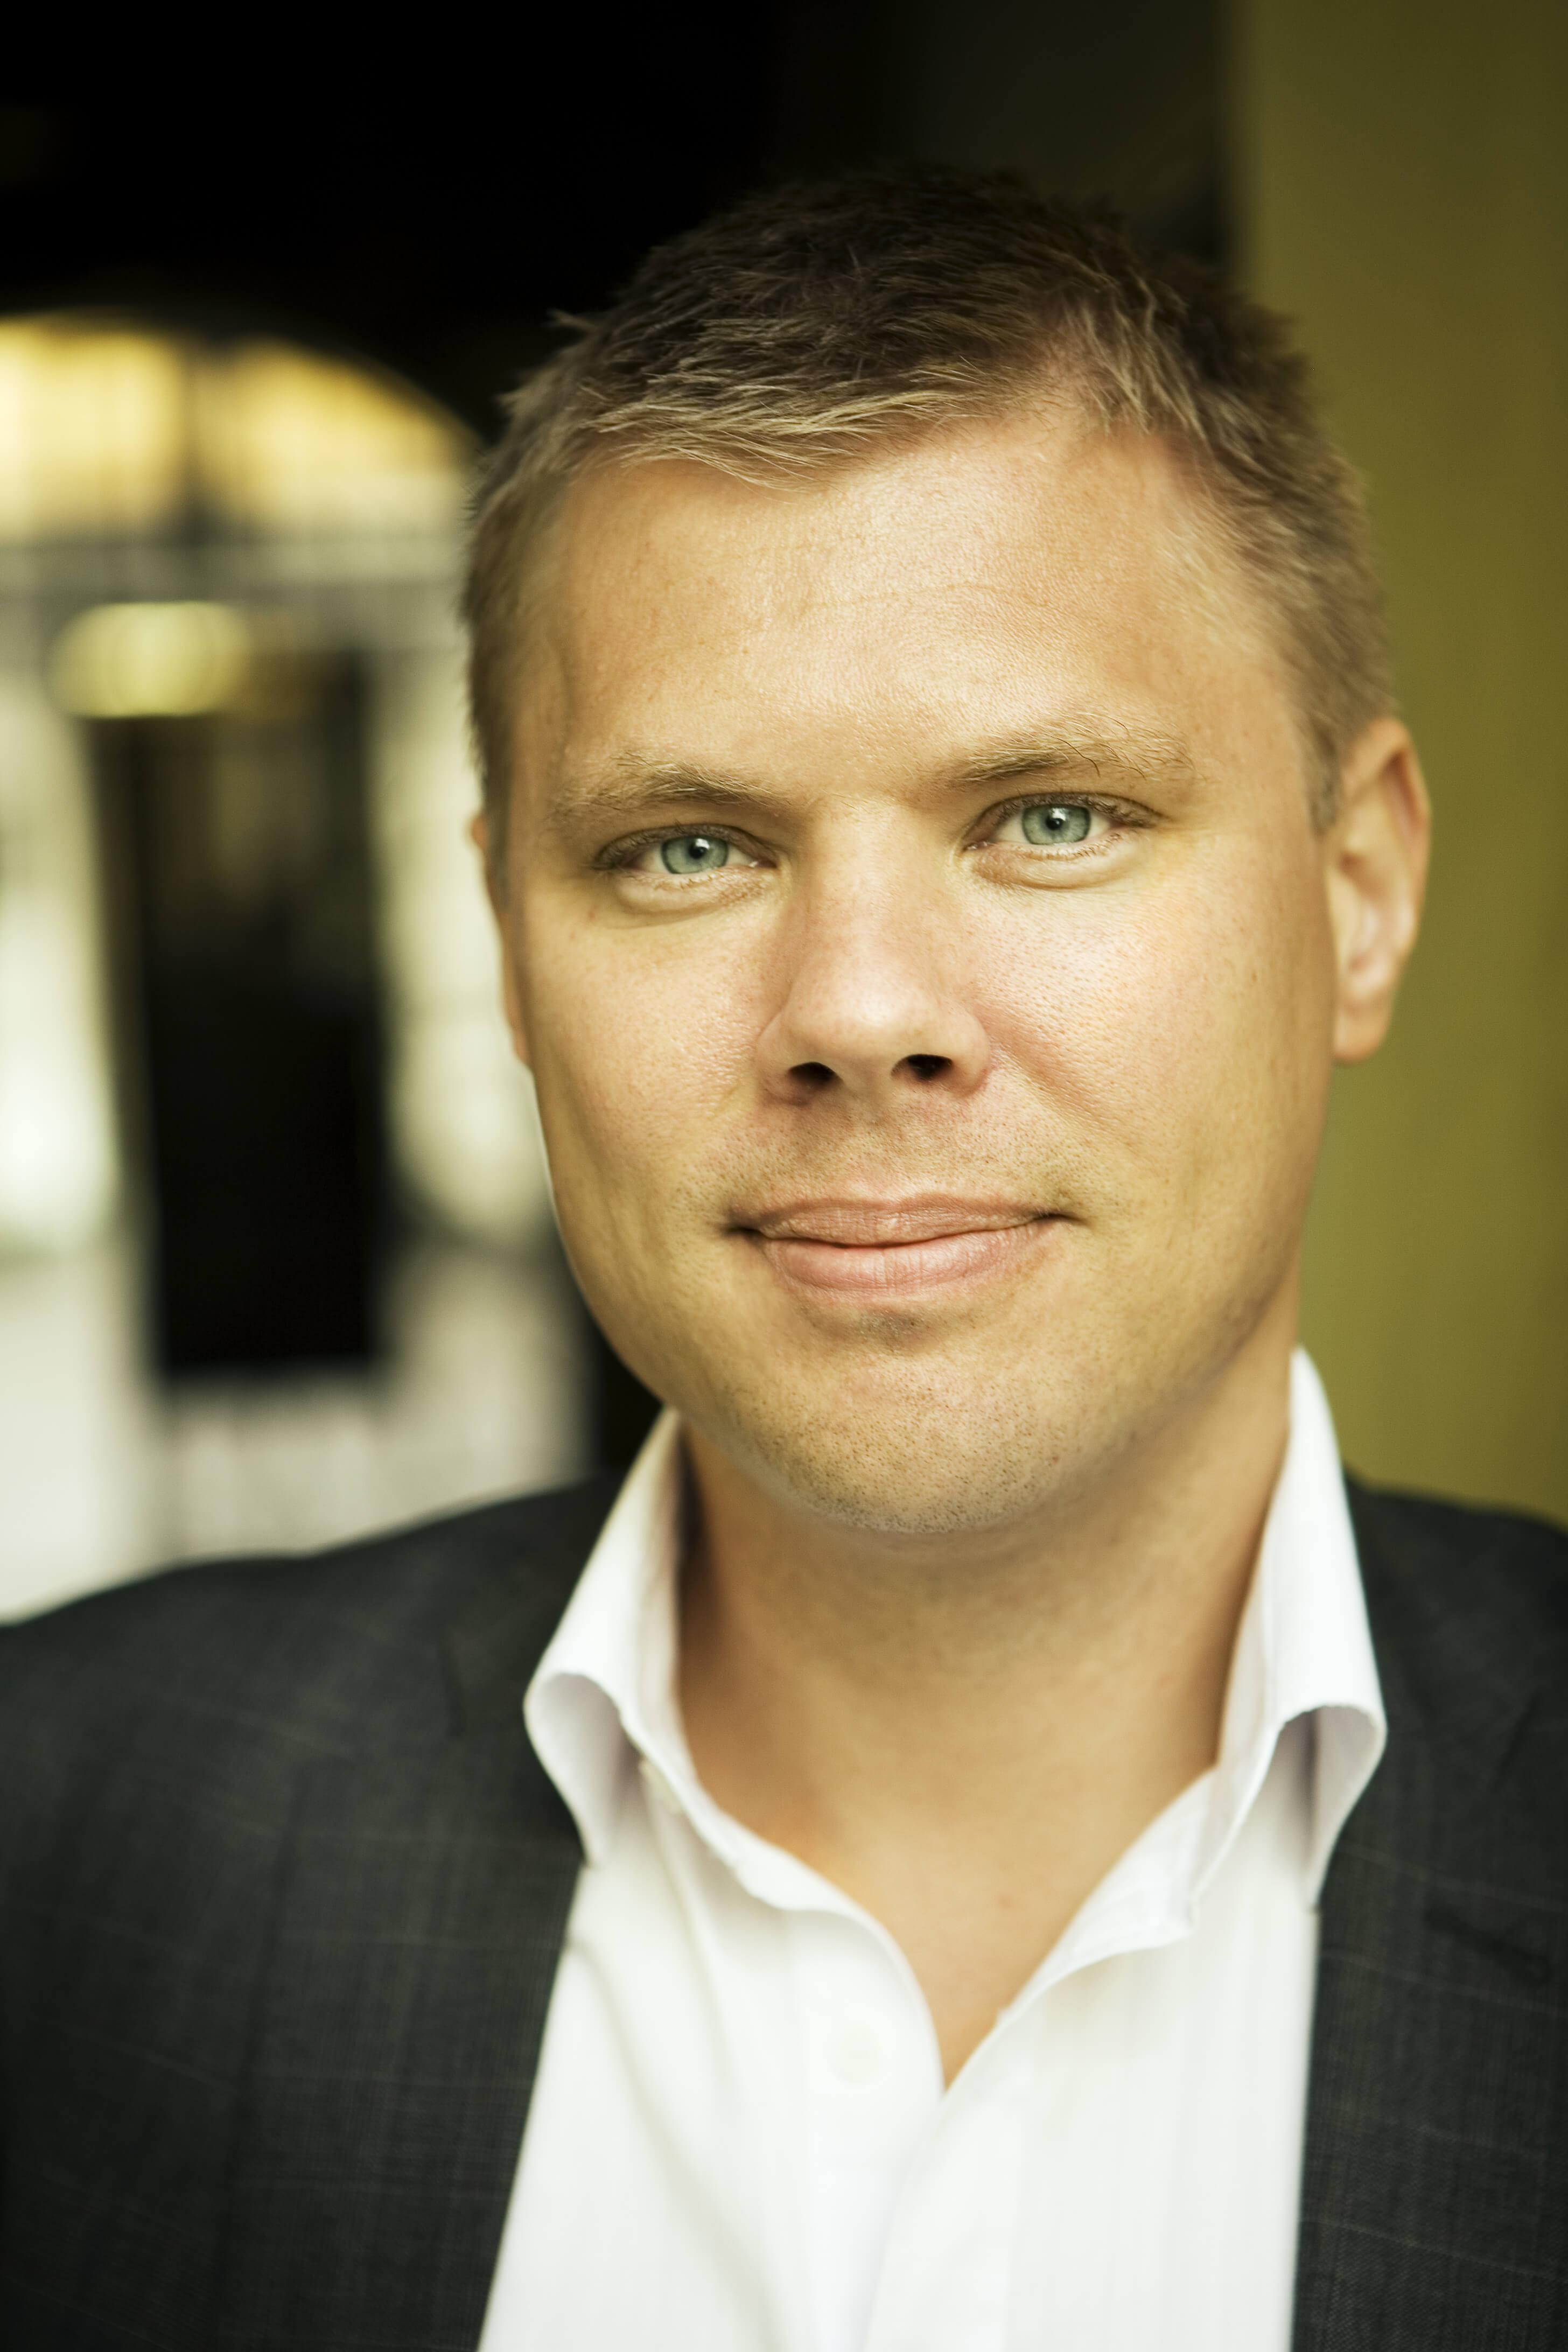 Prokopec succeeds Frey as Blocket CEO